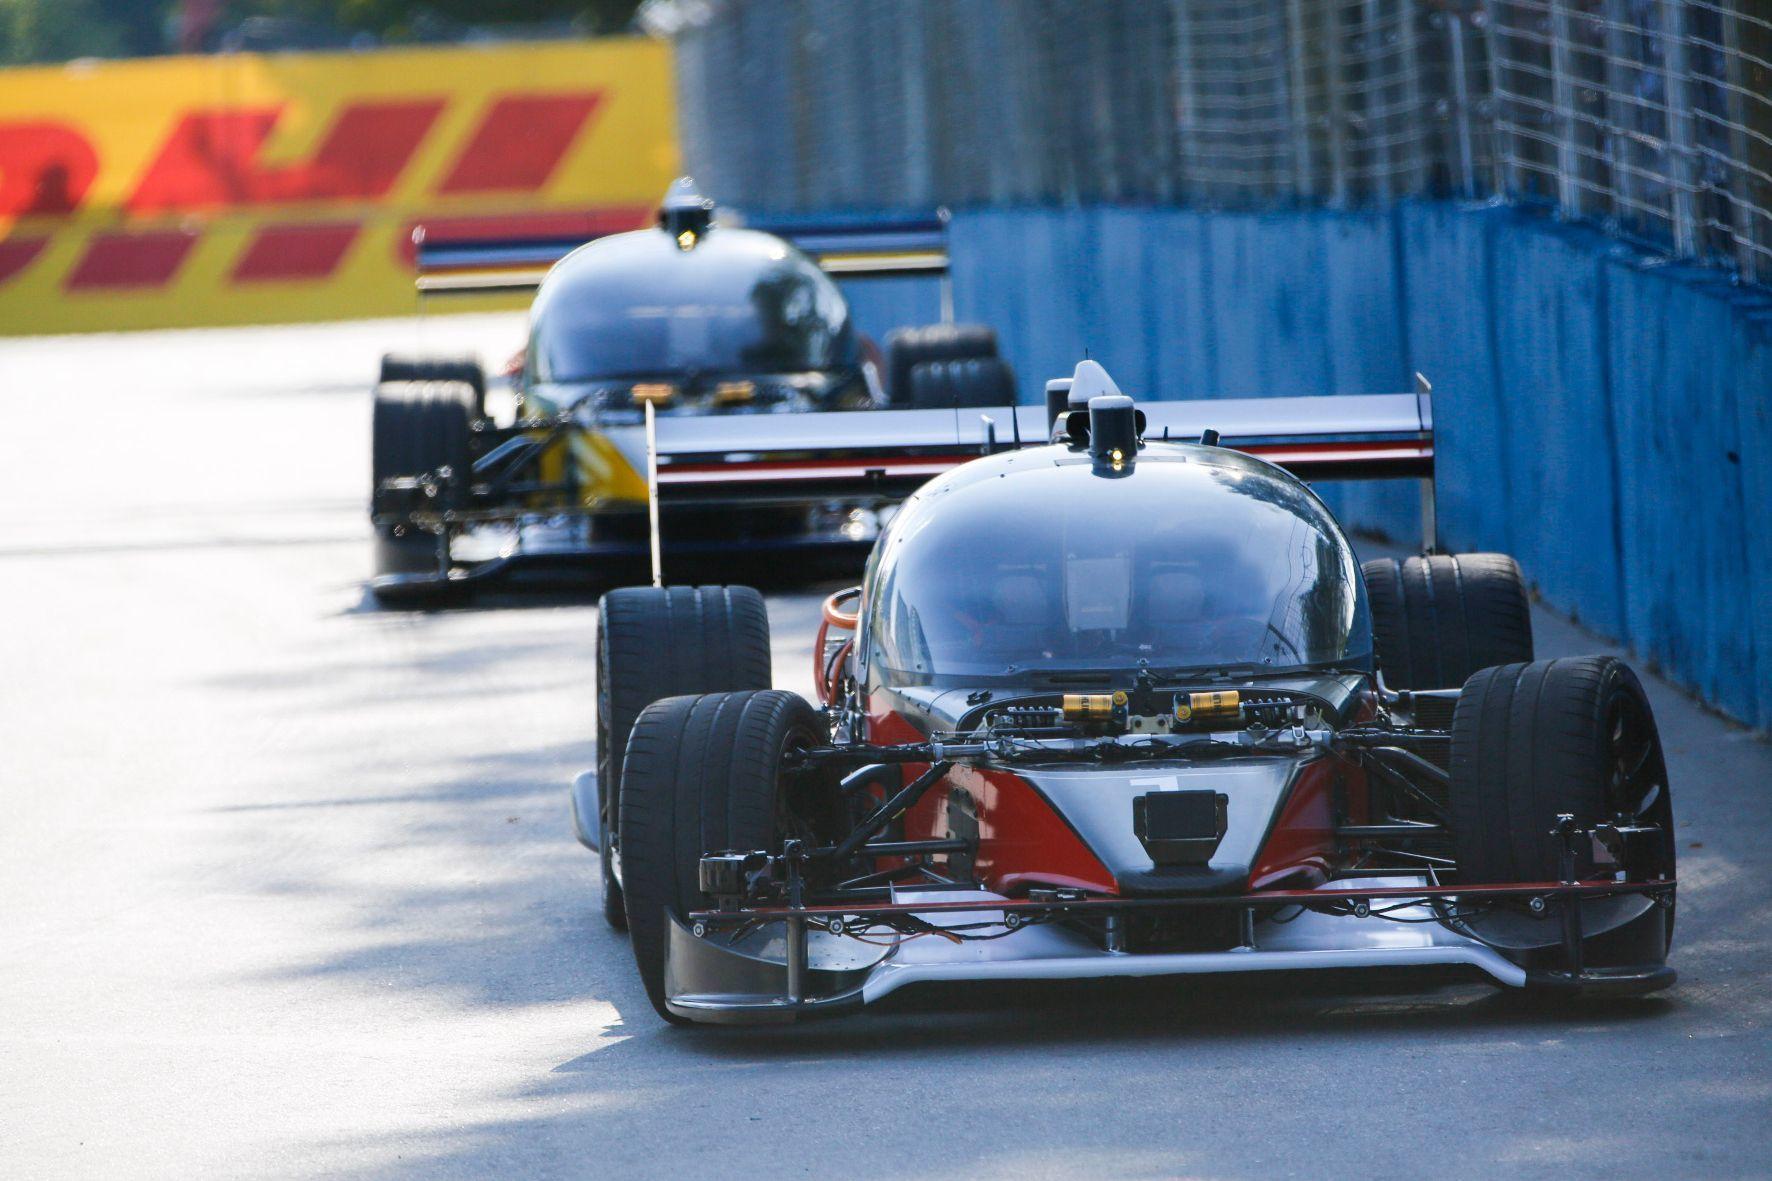 mid Groß-Gerau - Die Zukunft beginnt jetzt: In Argentinien fuhren im Rahmen der Formula E autonome Rennwagen auf der Strecke.